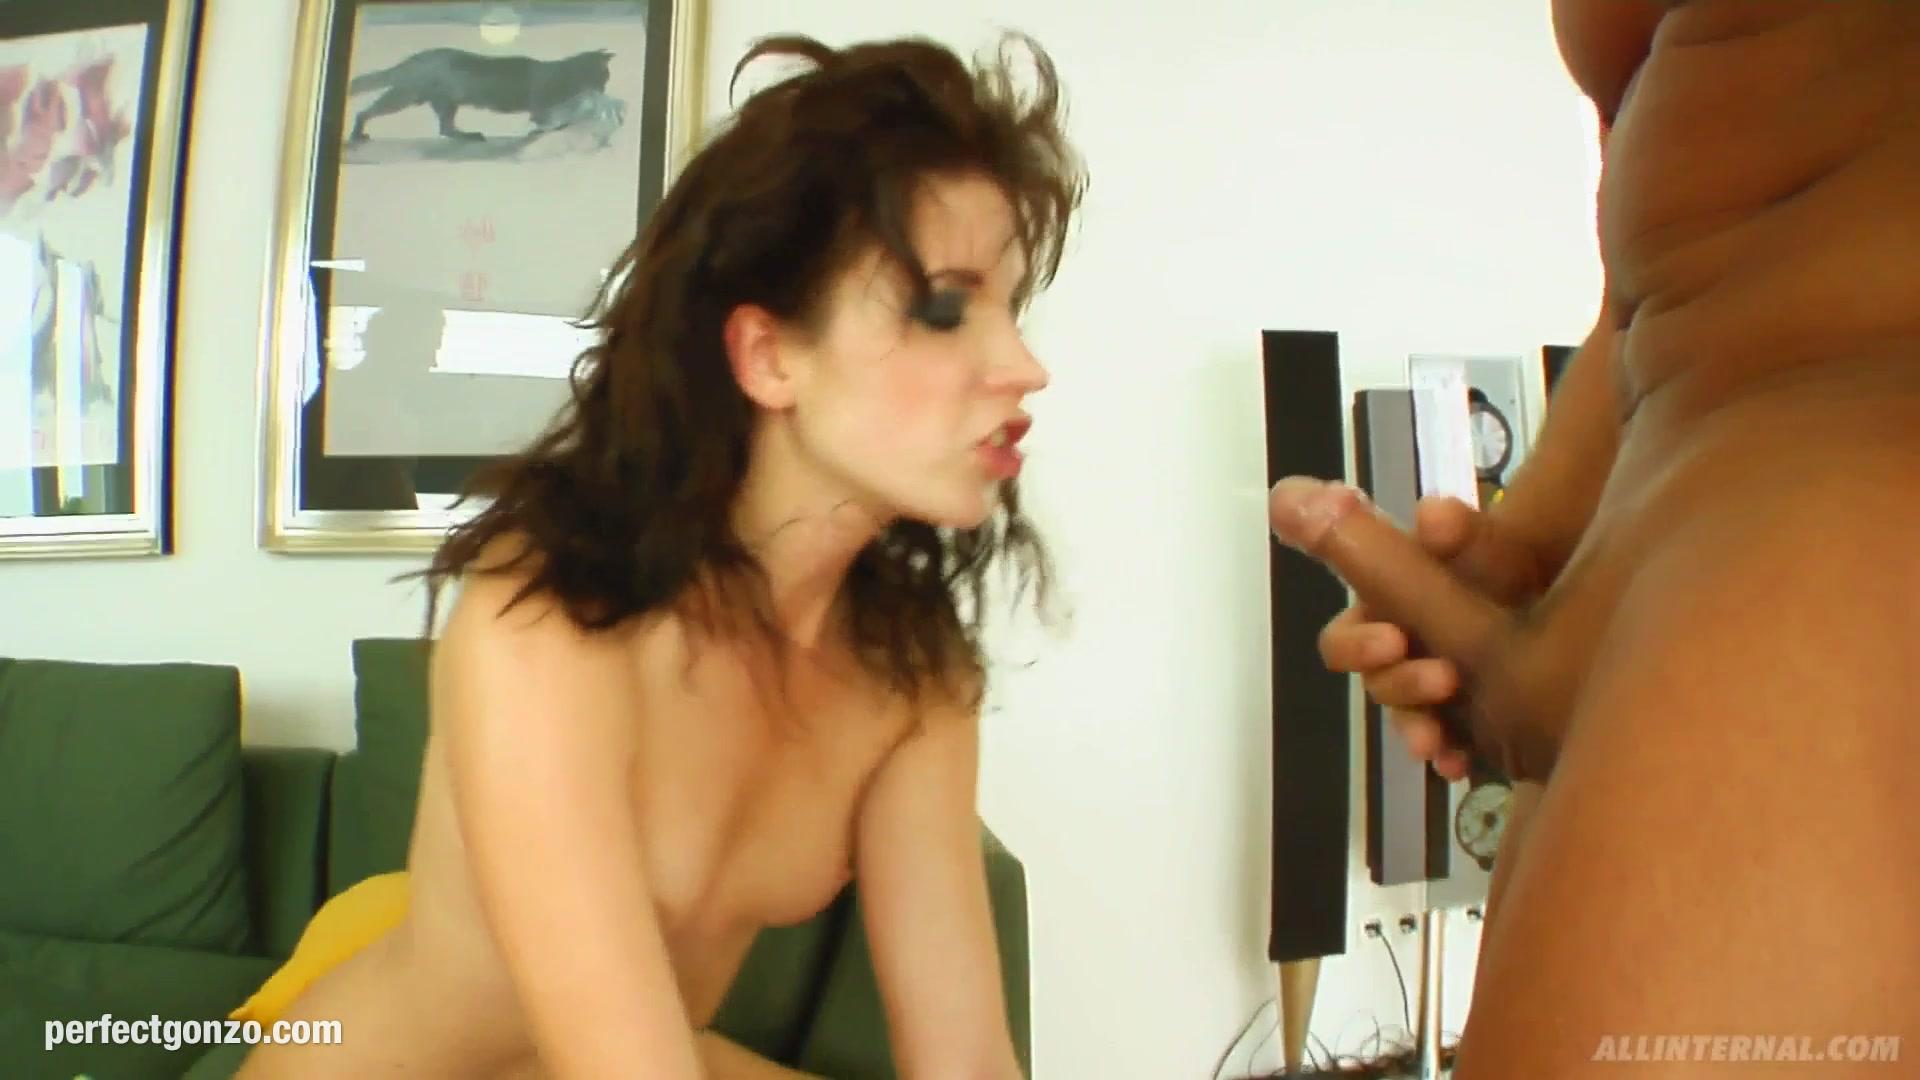 Porn archive Starik khottabych online dating